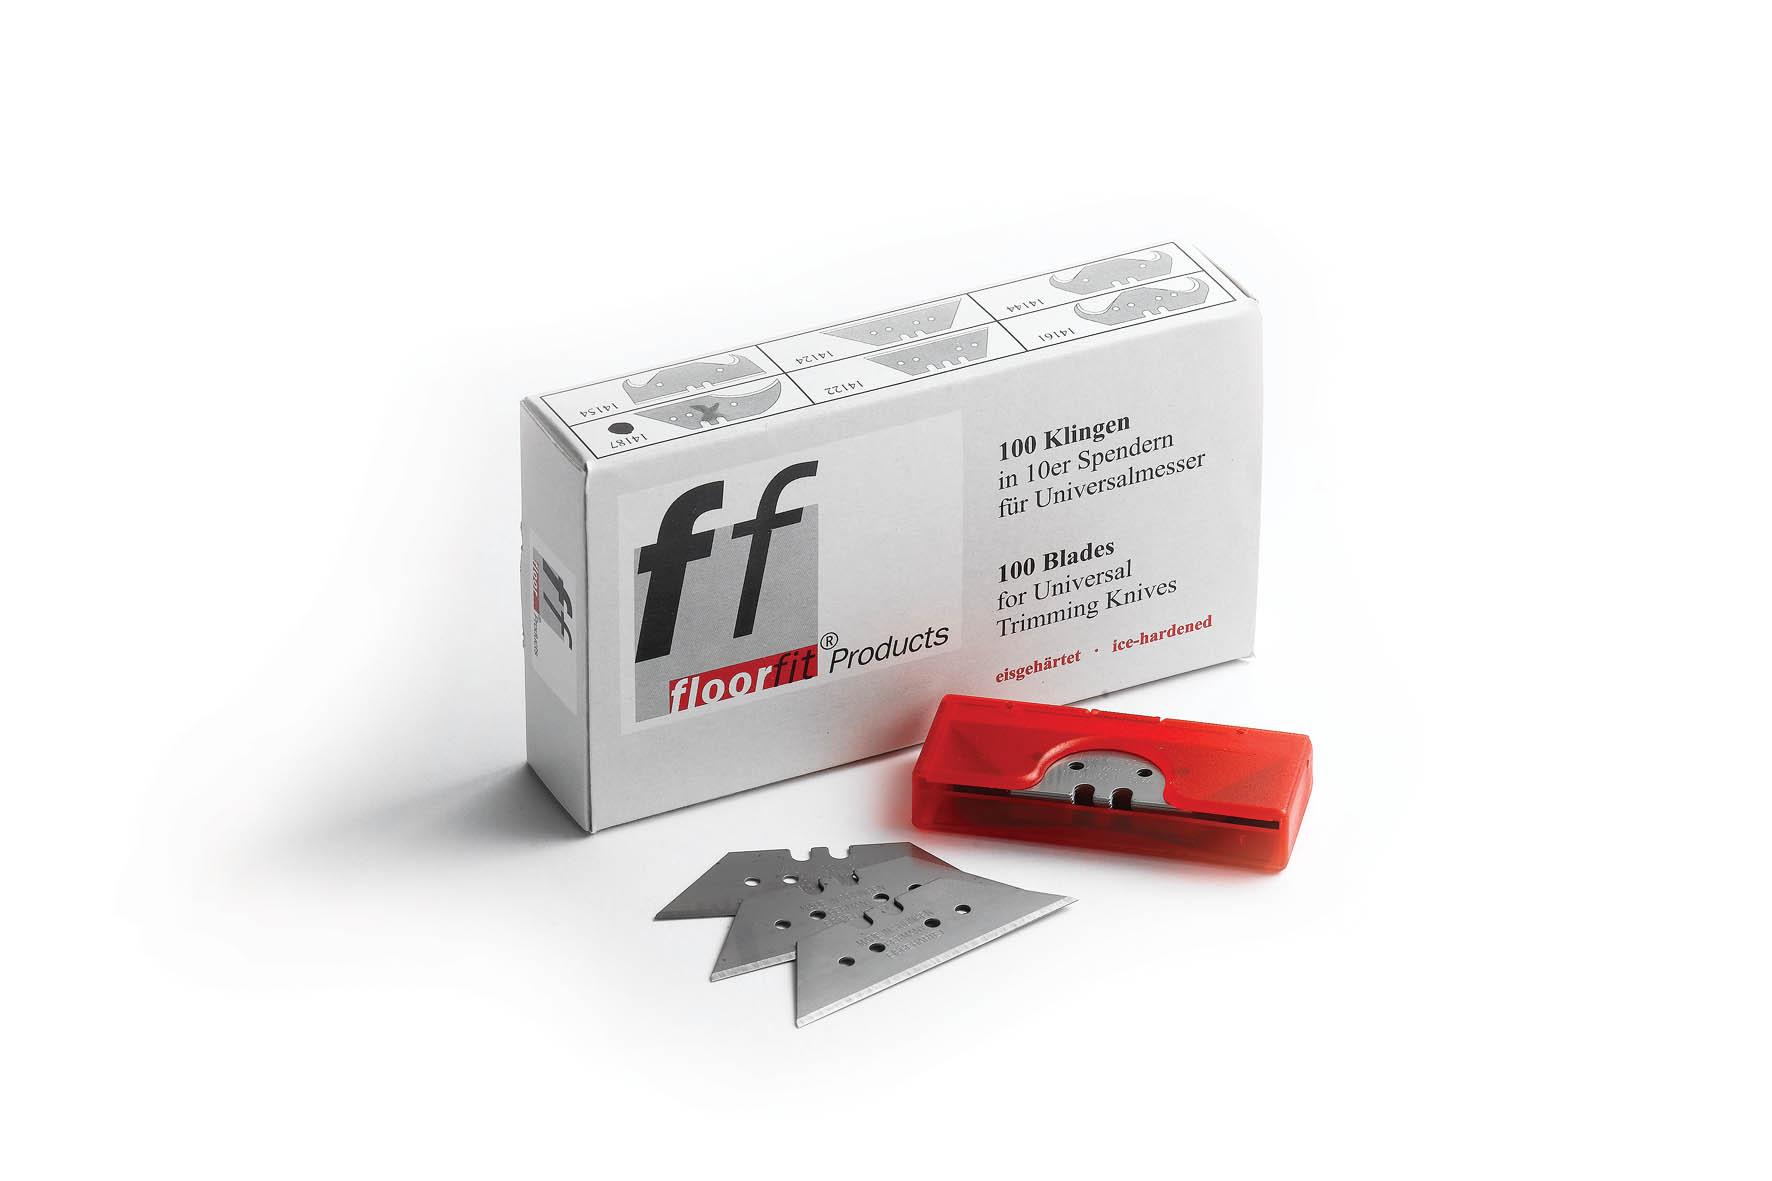 FF FloorFit Heavy Duty Blades